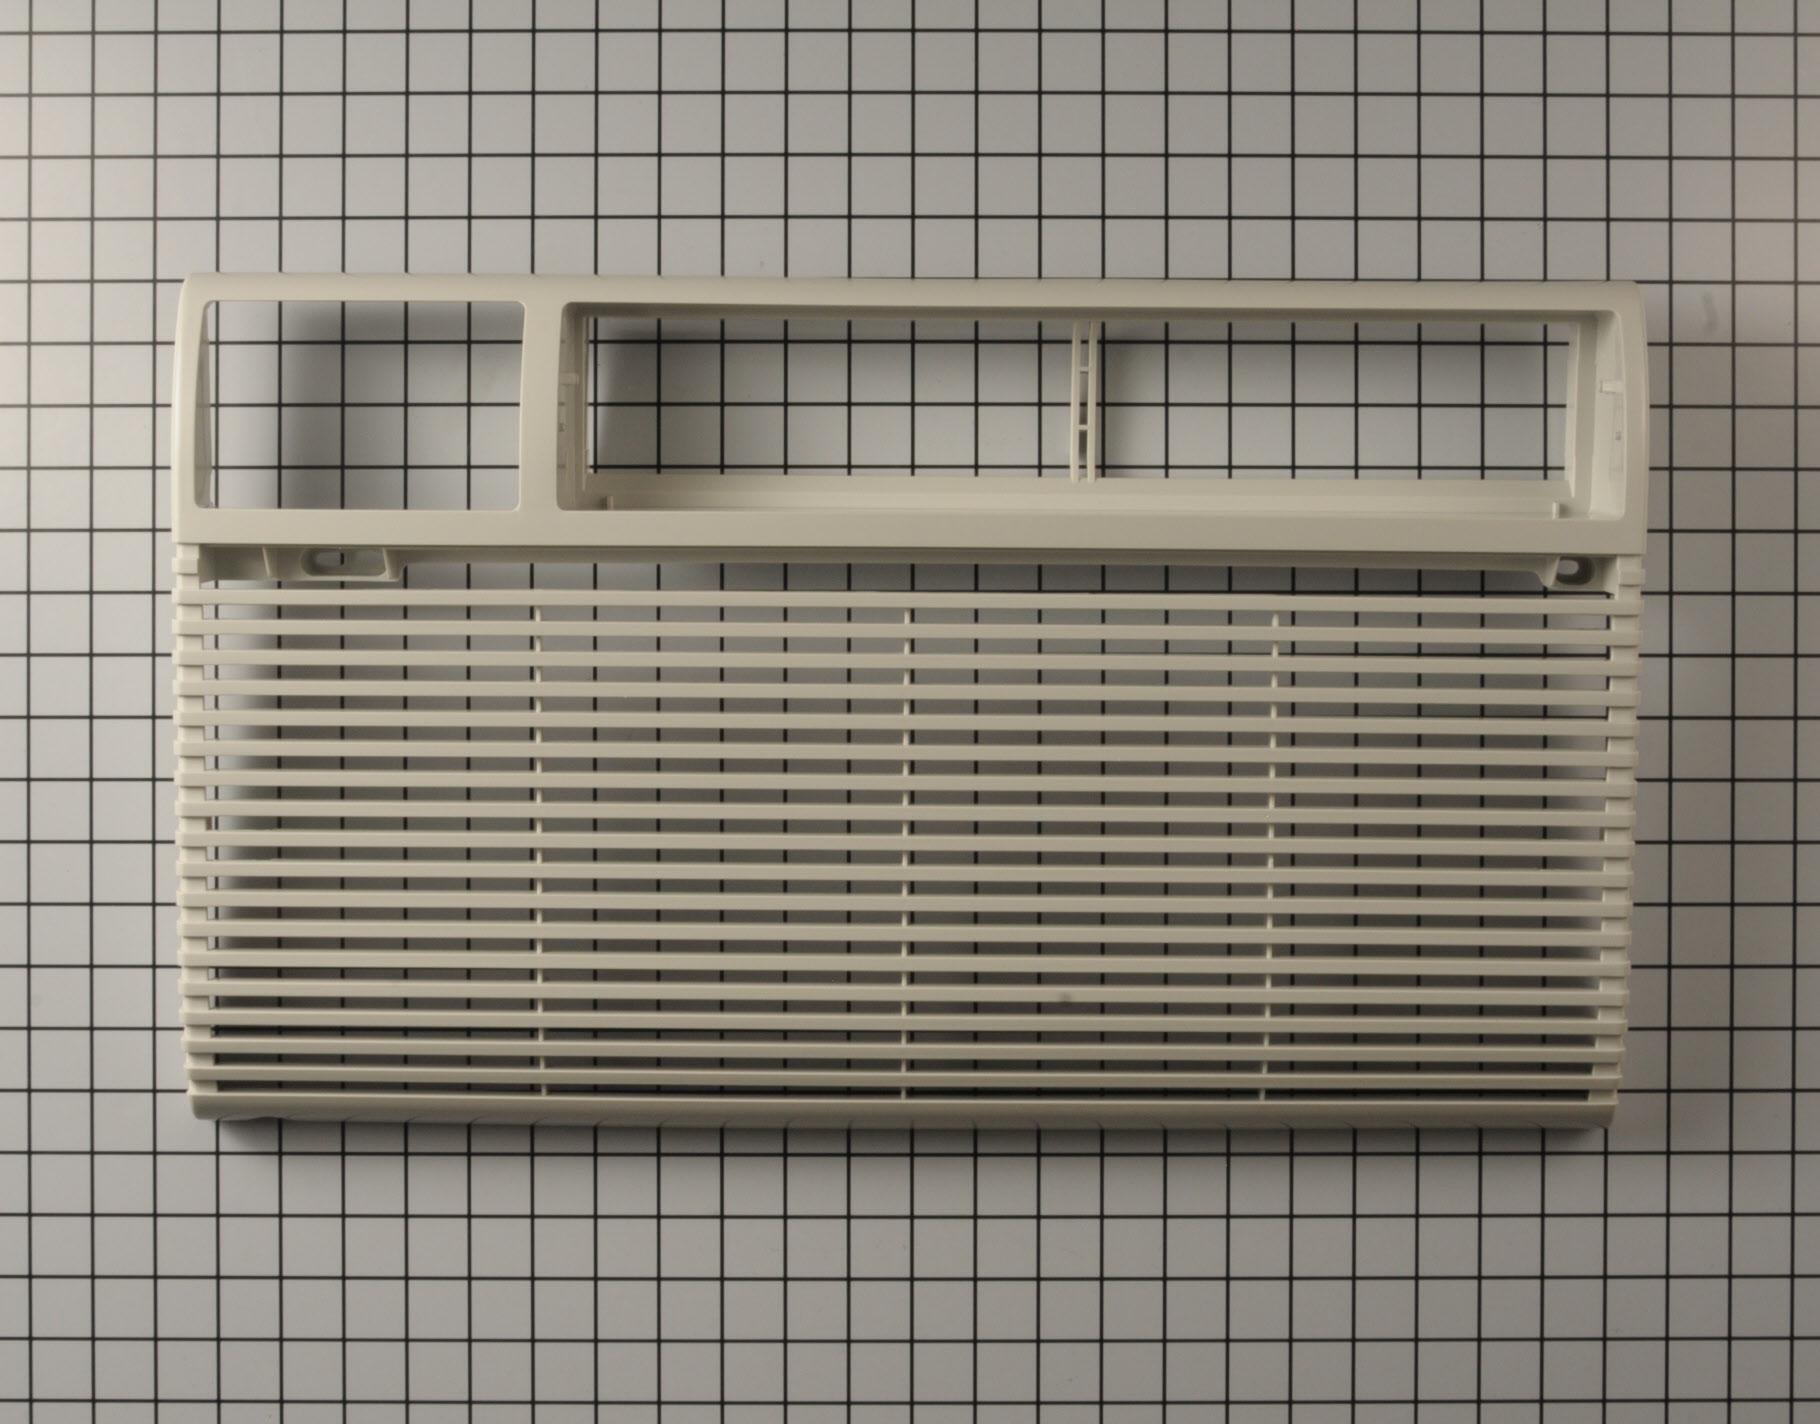 Frigidaire Air Conditioner Part # 5304470949 - Grille